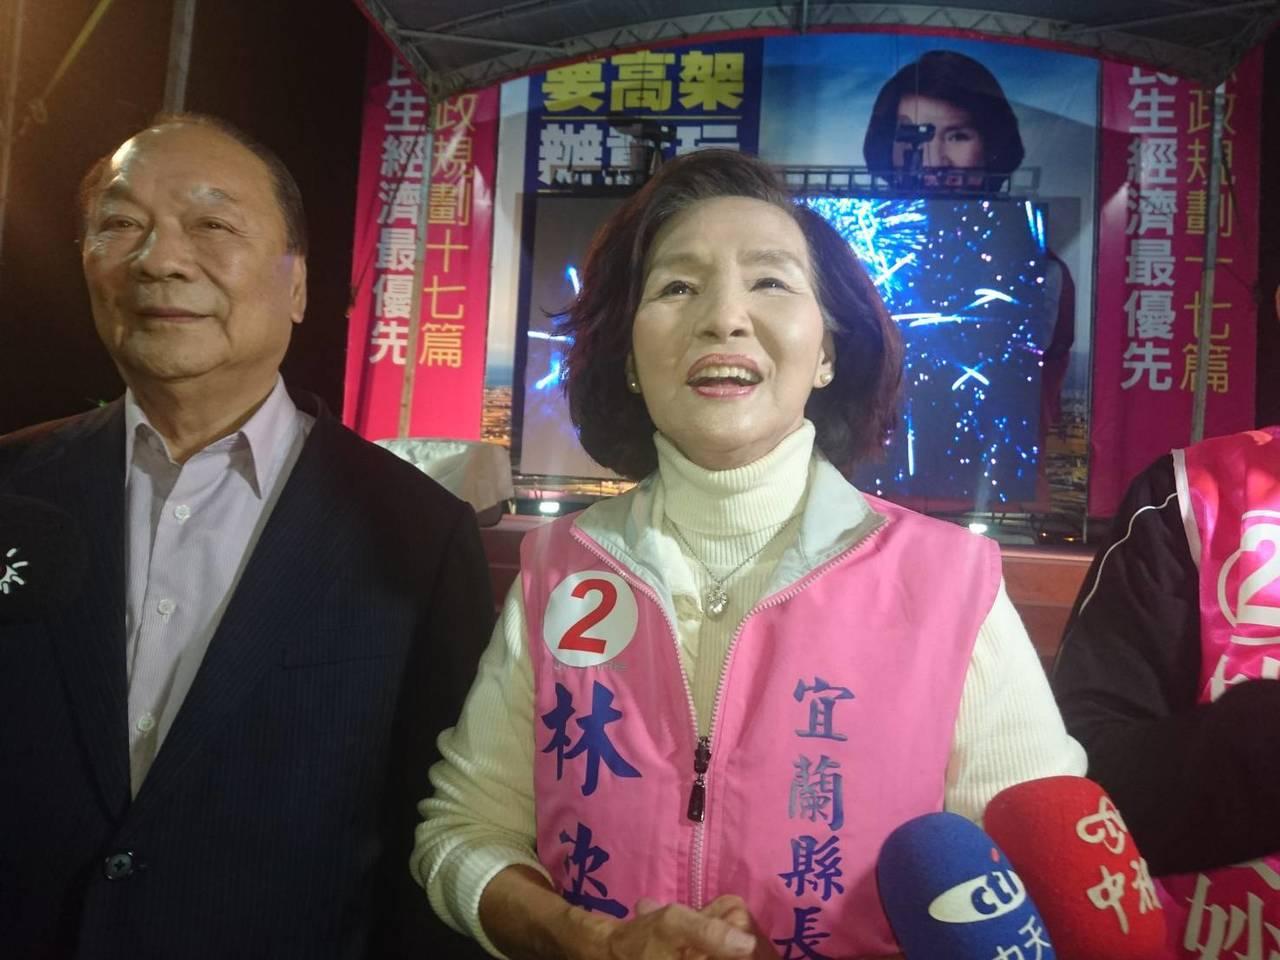 林姿妙今晚當選宜蘭縣首位女縣長,她的當選感言說,選舉過去了,要恢復宜蘭榮景所要做...